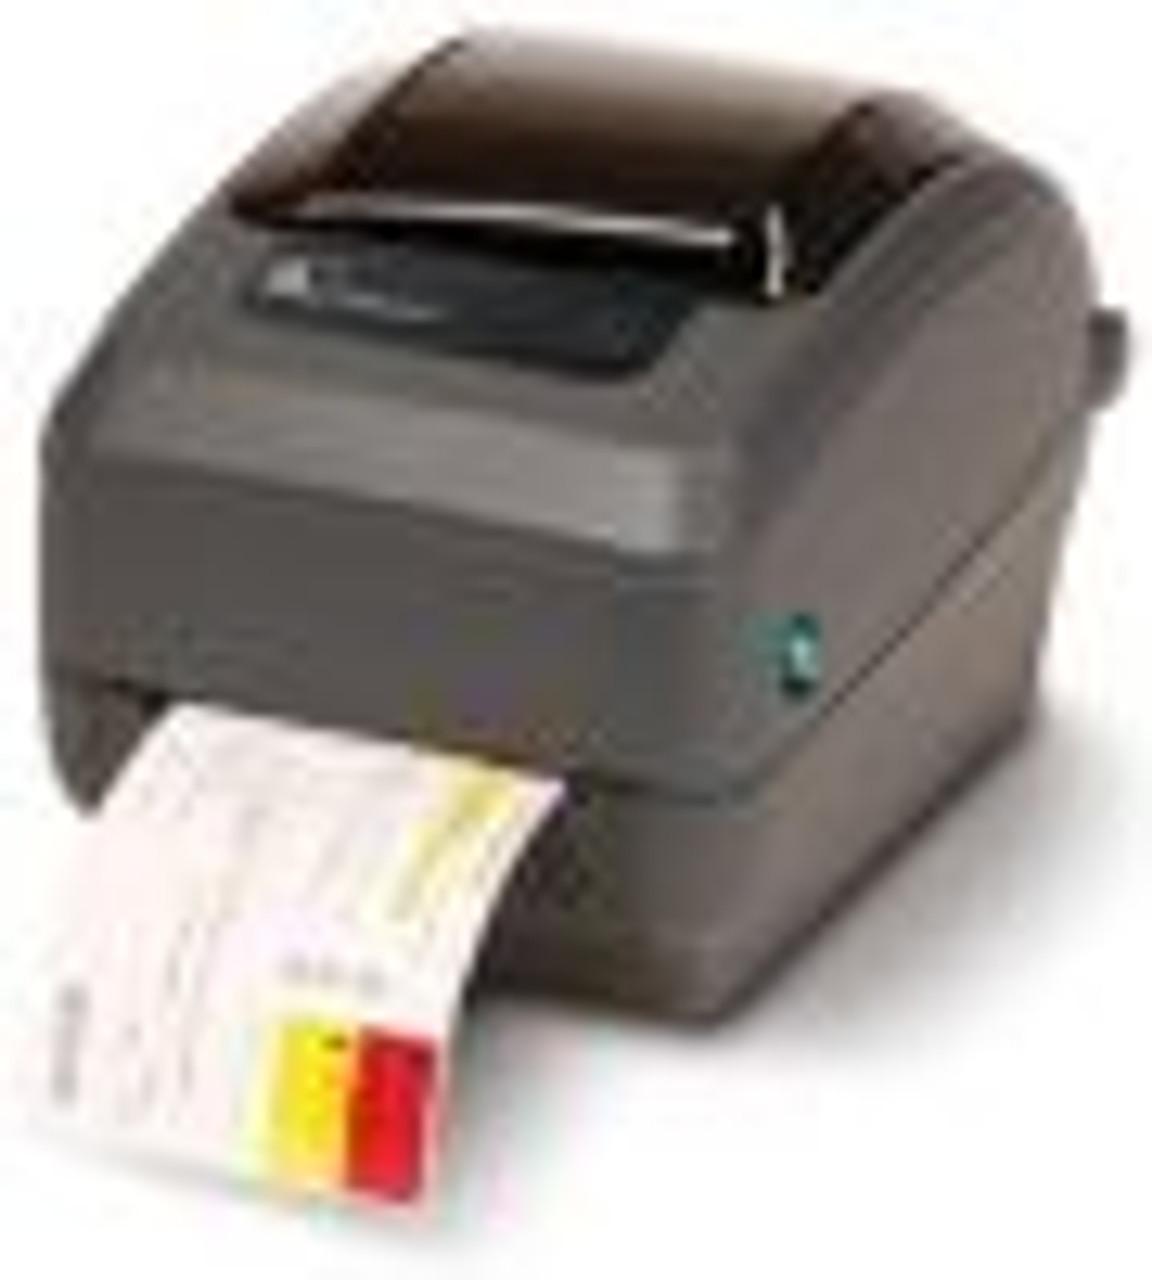 GX430T Printers